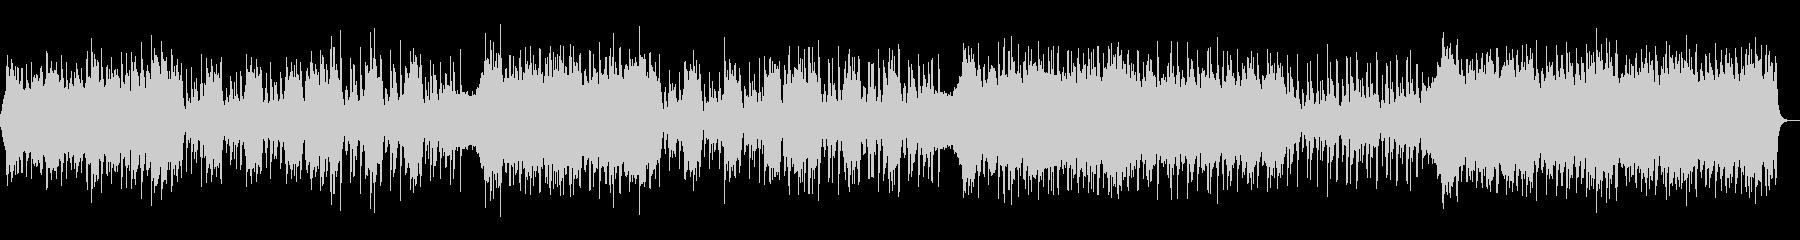 勇壮・エキサイティング・パワフル・ロックの未再生の波形